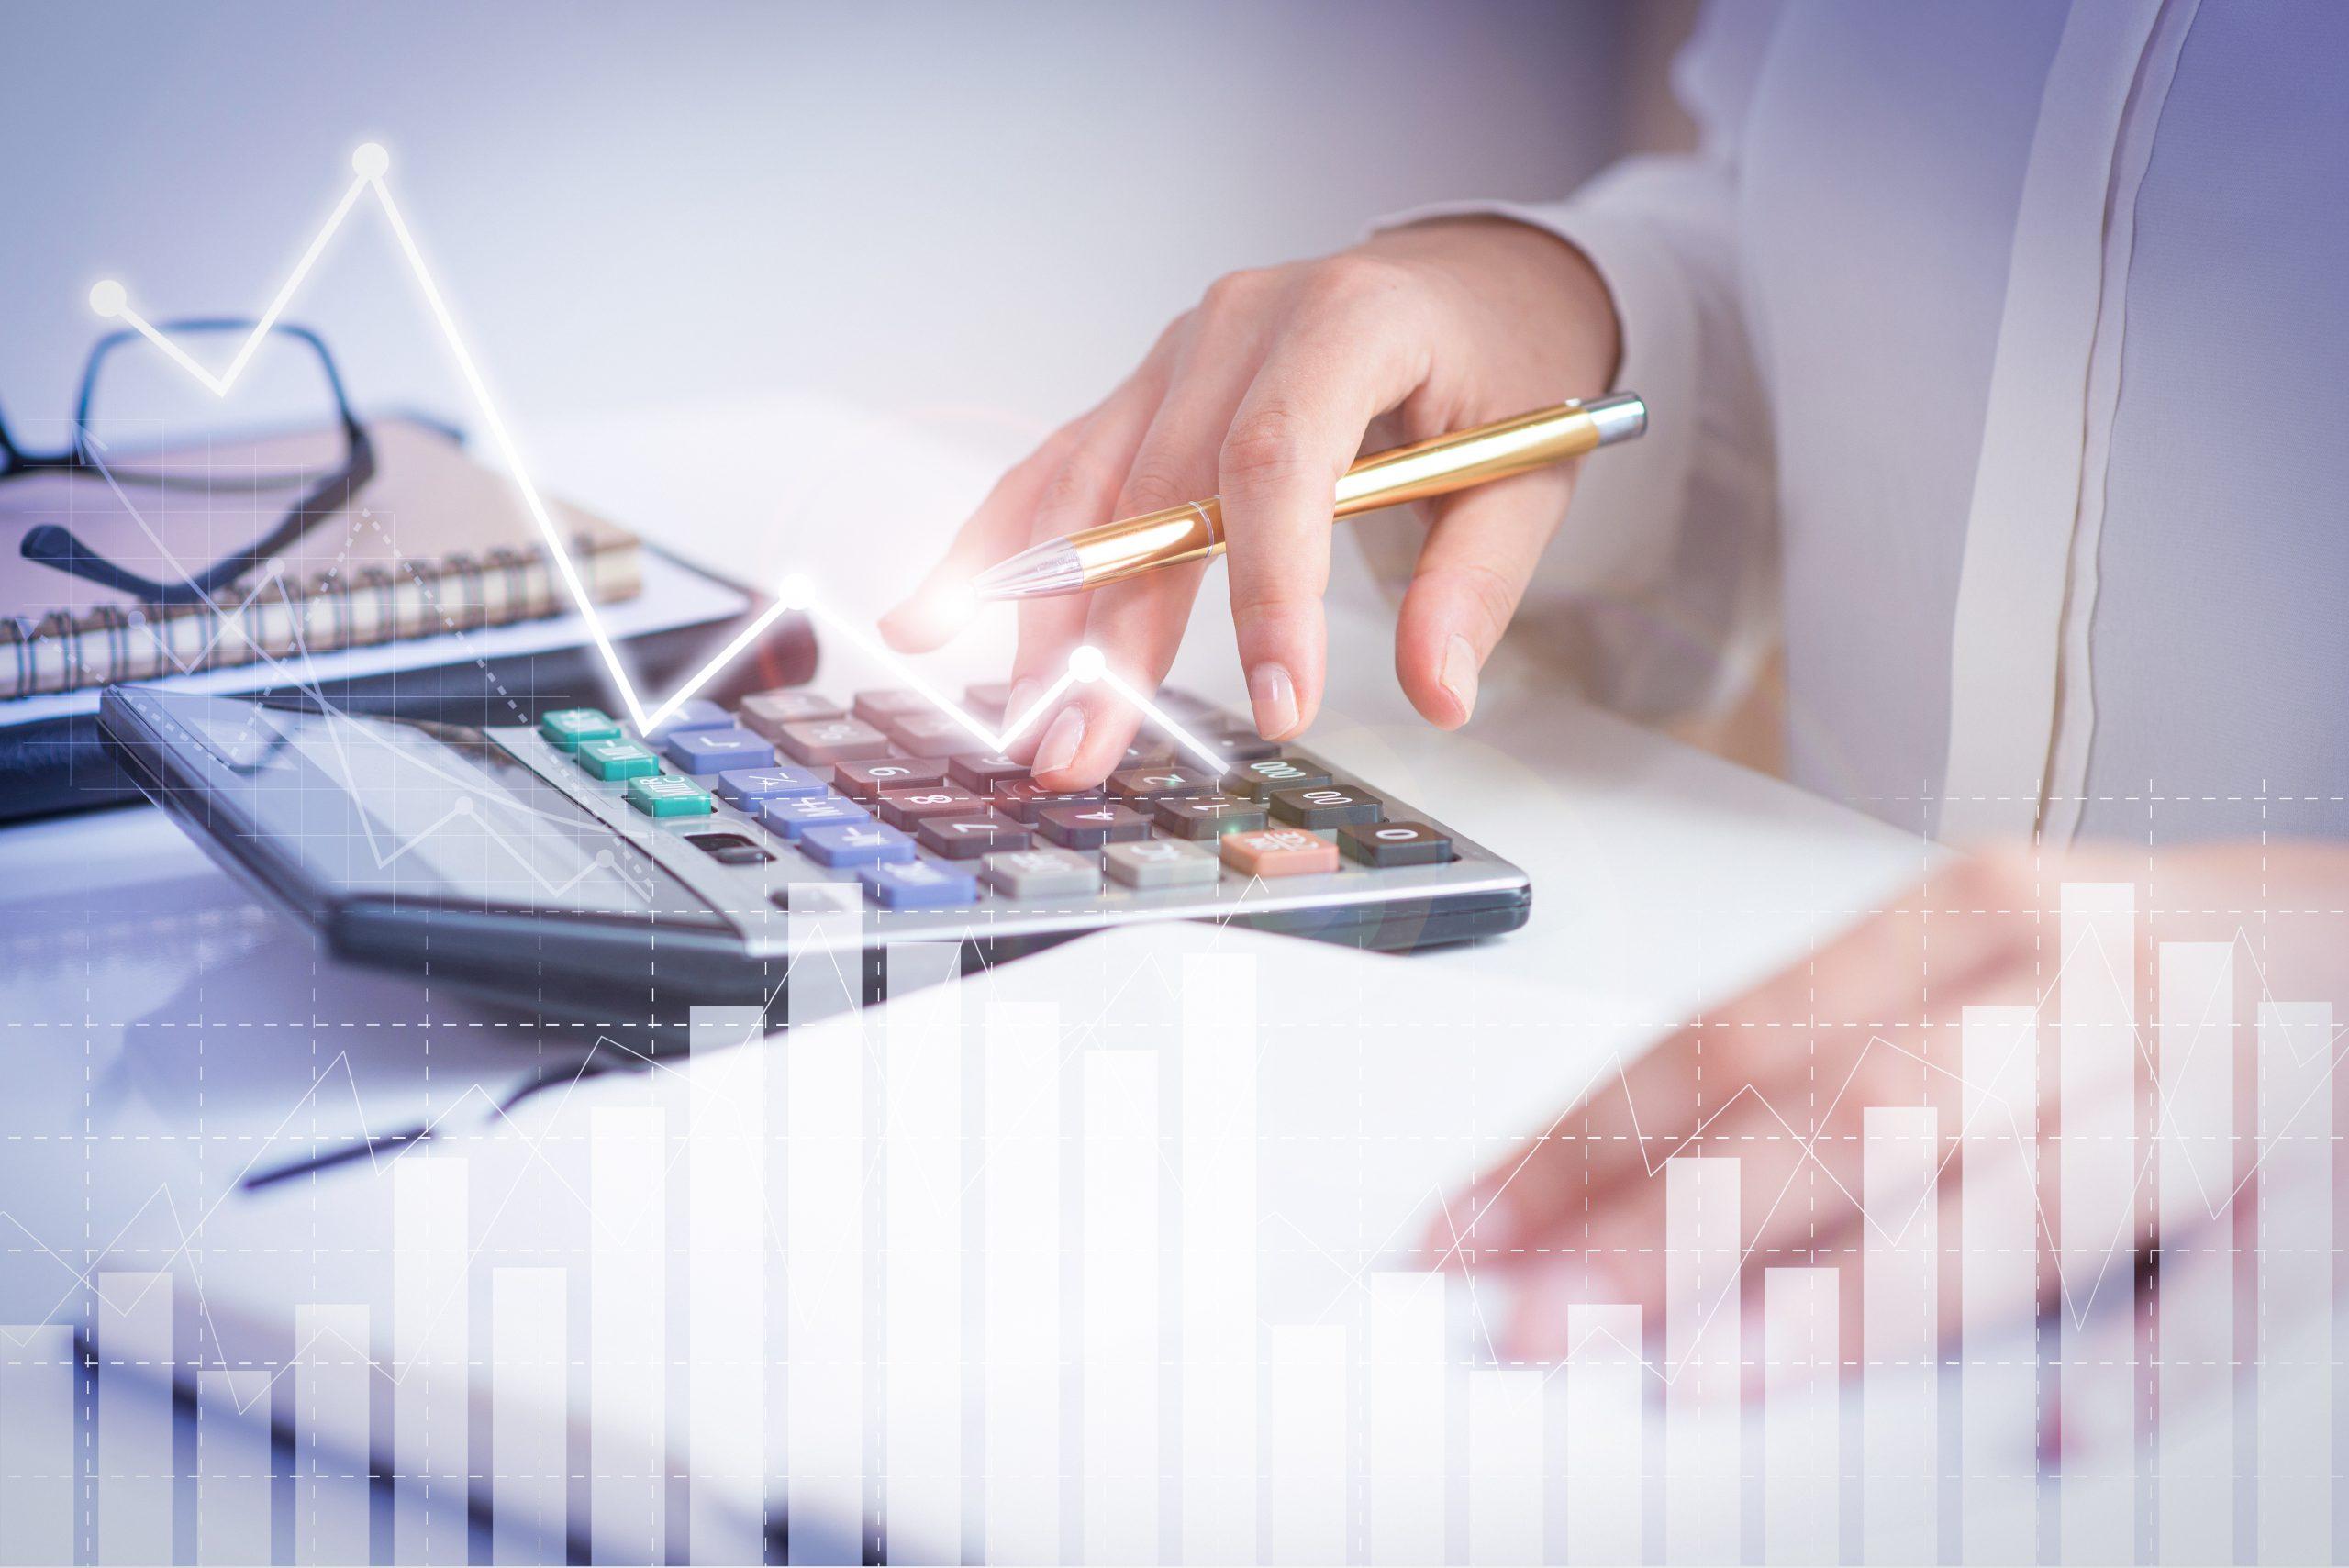 Gérer sa comptabilité quand on lance son entreprise